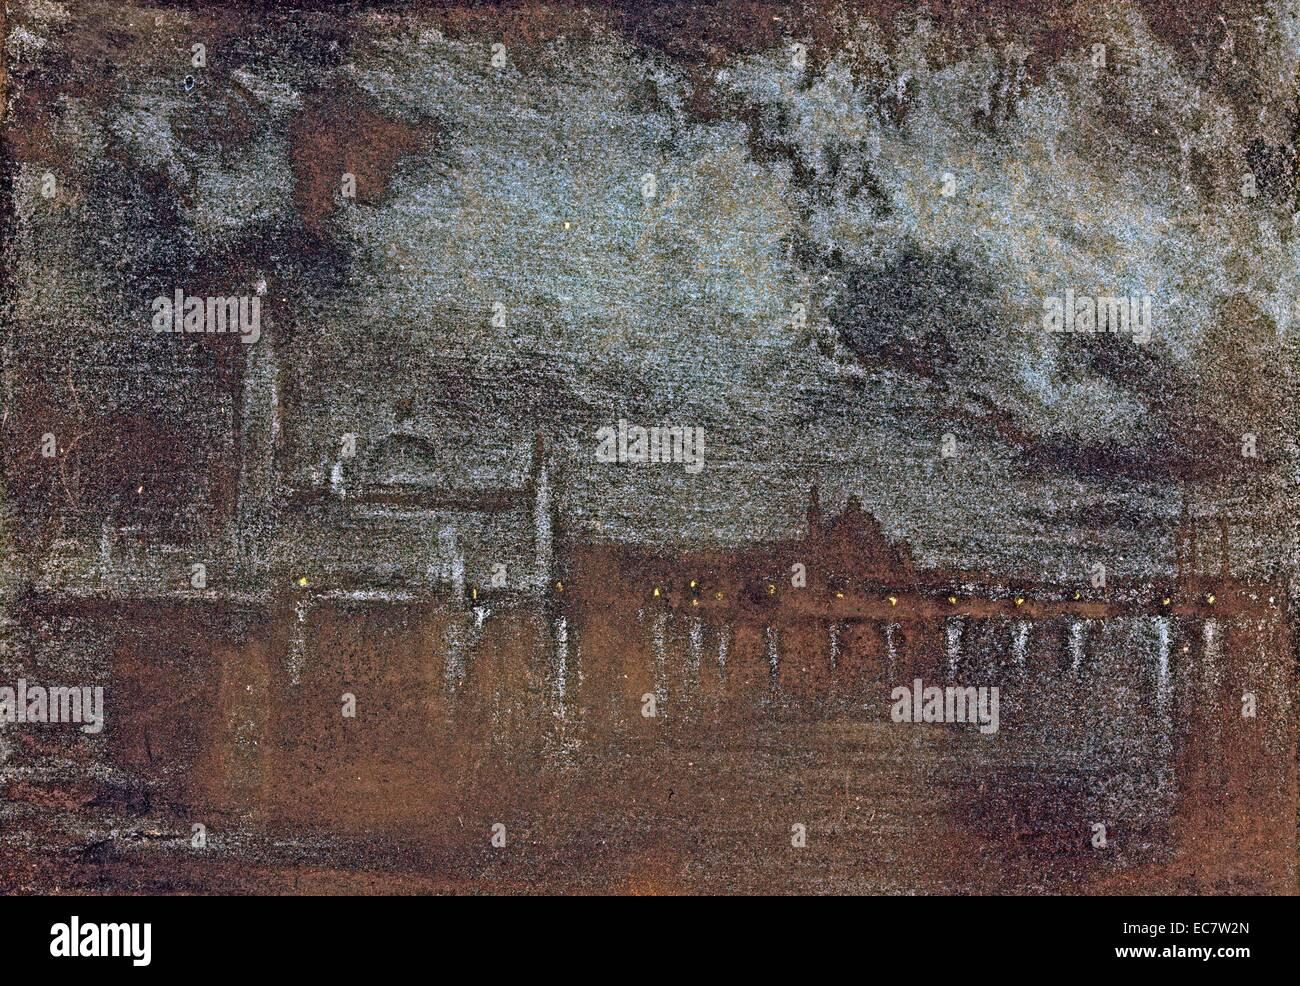 Palace di notte, da Joseph Pennell. 1857-1926. Un quasi nero vista guardando attraverso l'acqua verso il palazzo Immagini Stock